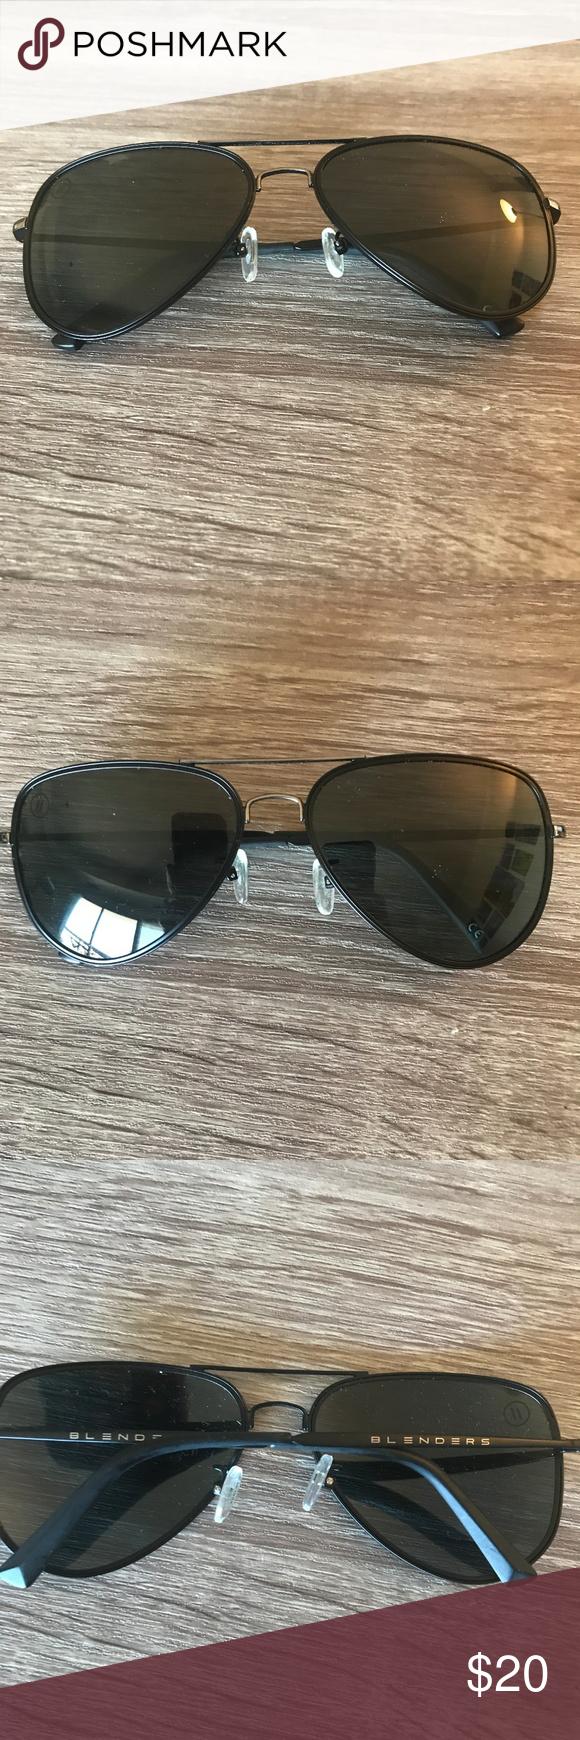 f7c231979e8 Blenders Spider Jet Polarized Aviator Sunglasses Black Spider Jet polarized  aviator sunglasses from Blenders Eyewear.